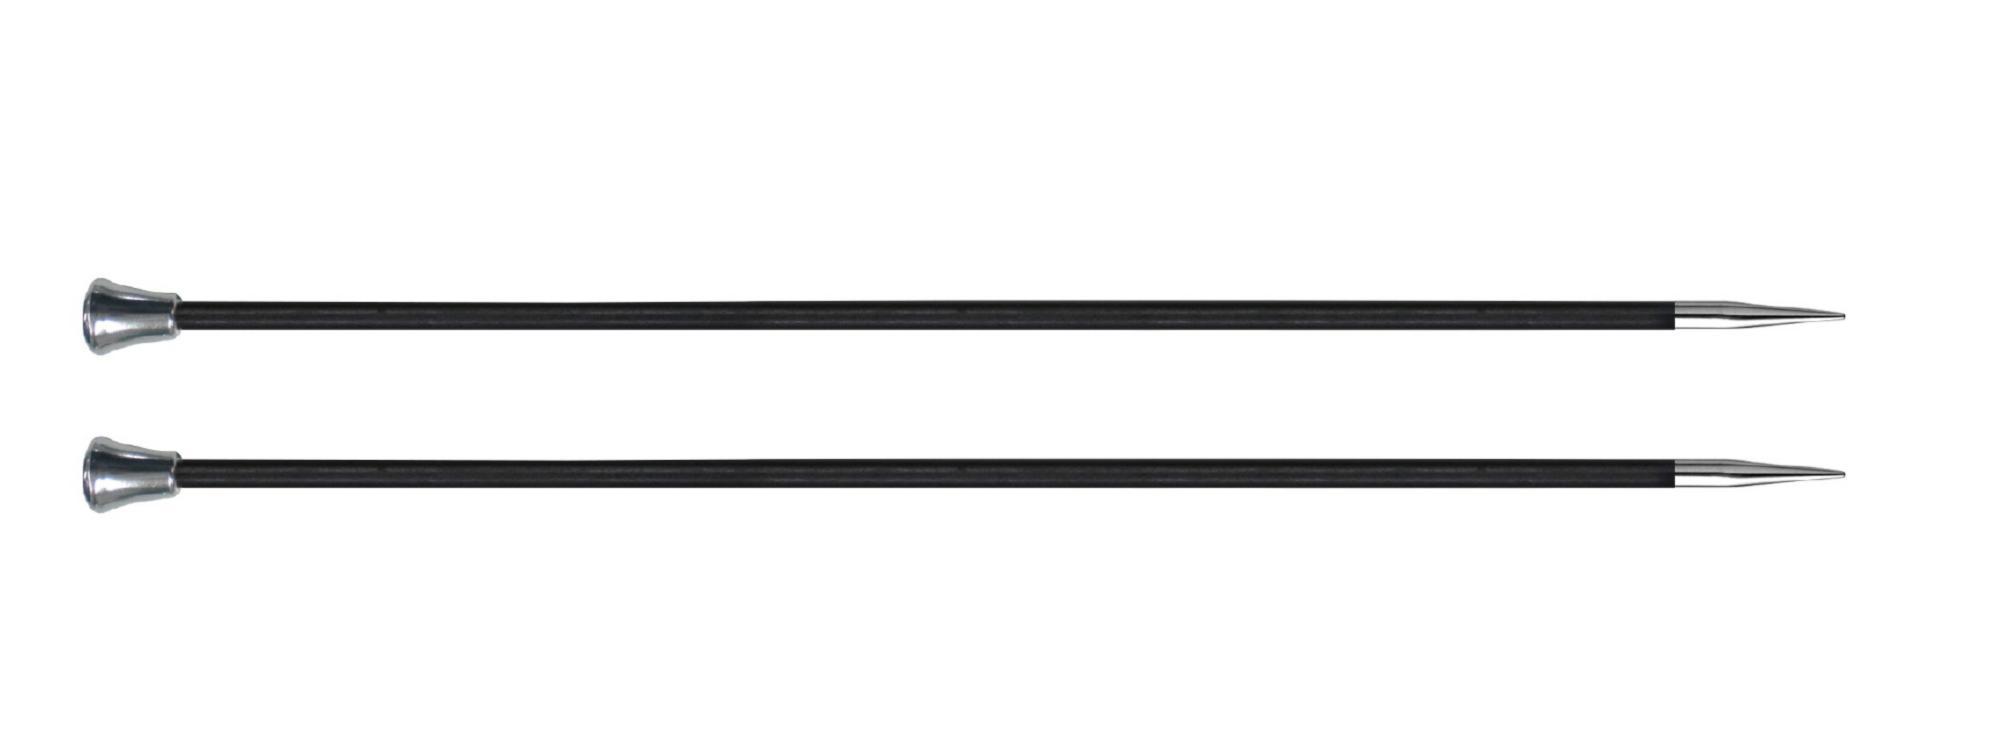 Спицы прямые 25 см Karbonz KnitPro, 41259, 4.50 мм